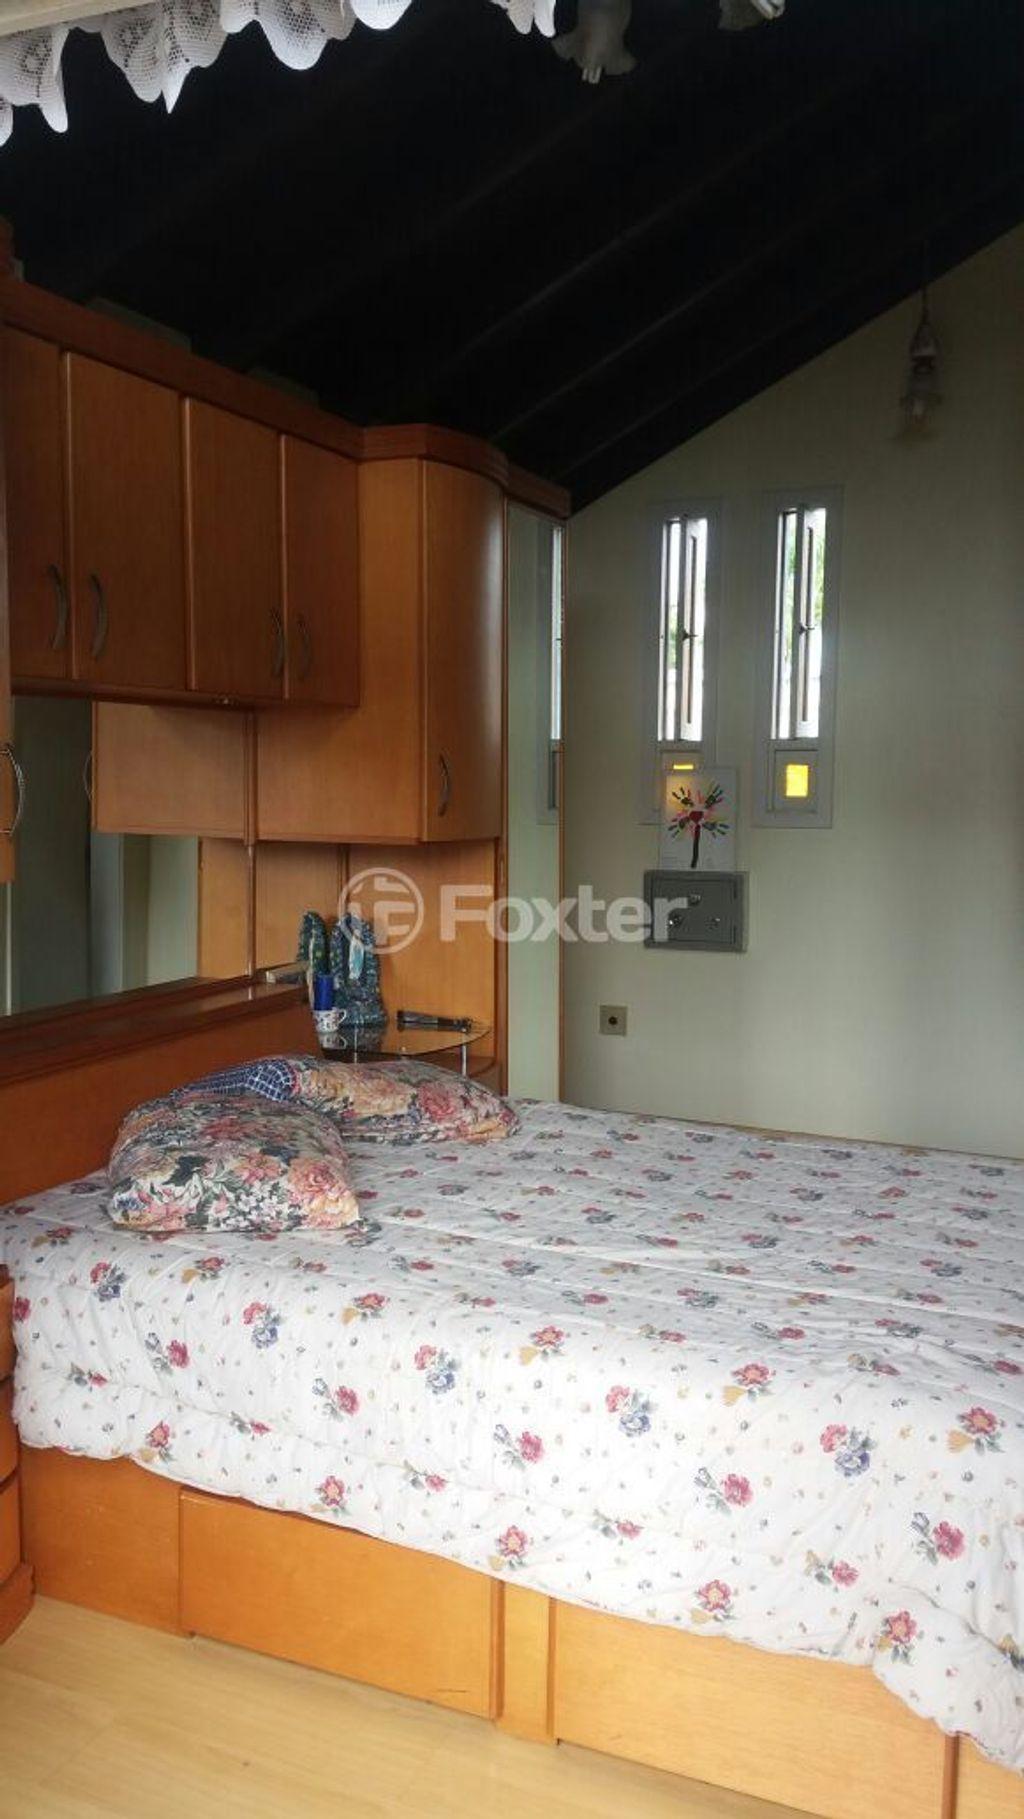 Casa 4 Dorm, Medianeira, Porto Alegre (145216) - Foto 13